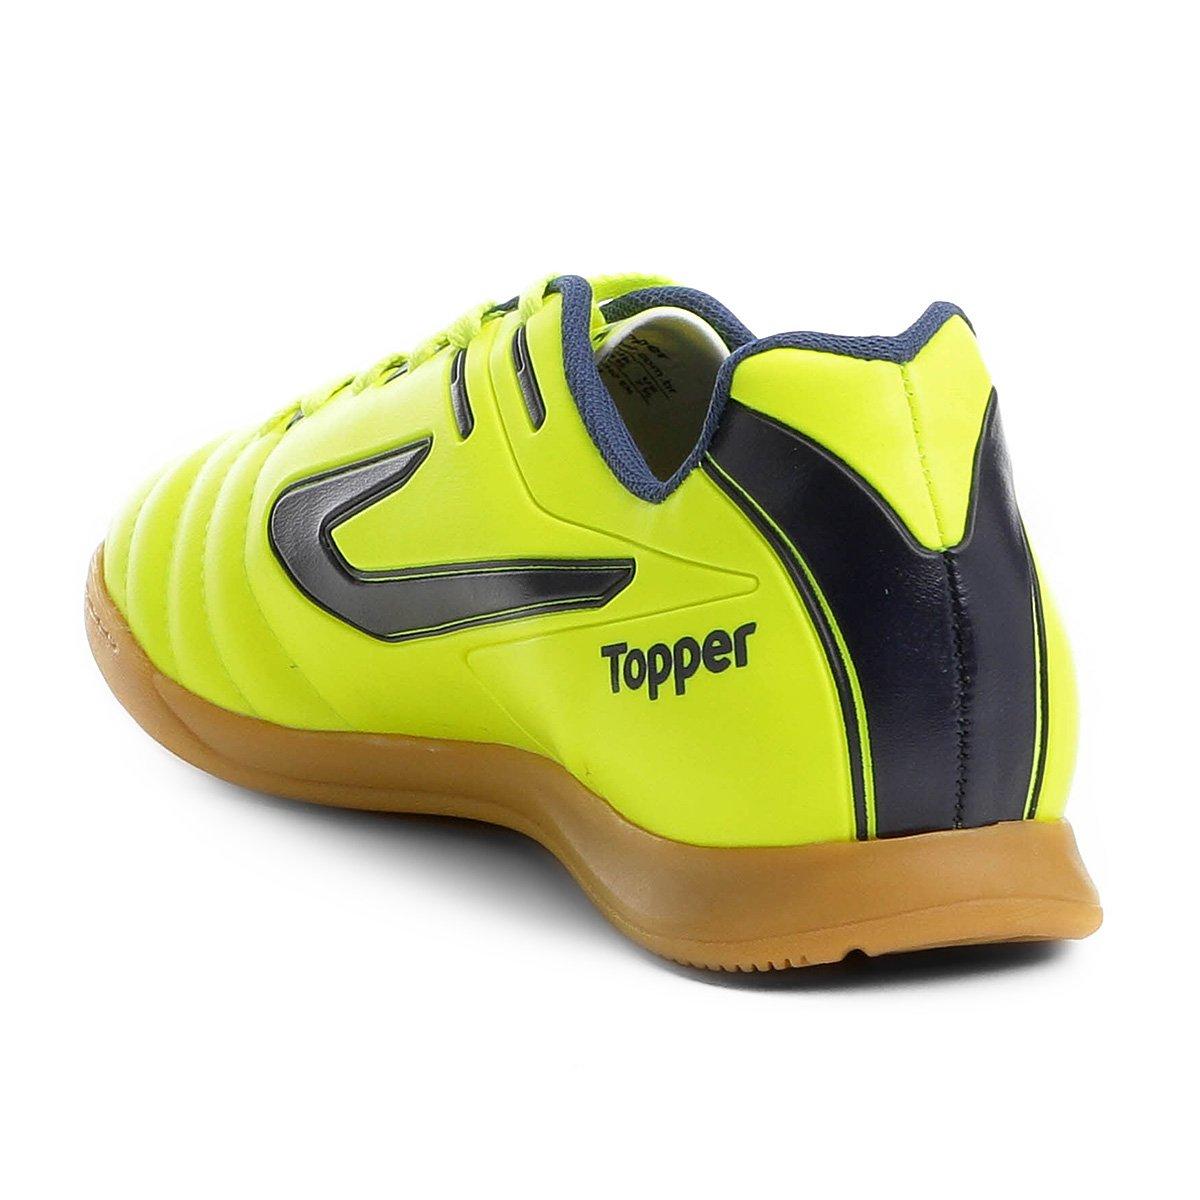 Chuteira Futsal Topper Boleiro - Marinho - Compre Agora  399f1954f7c4e